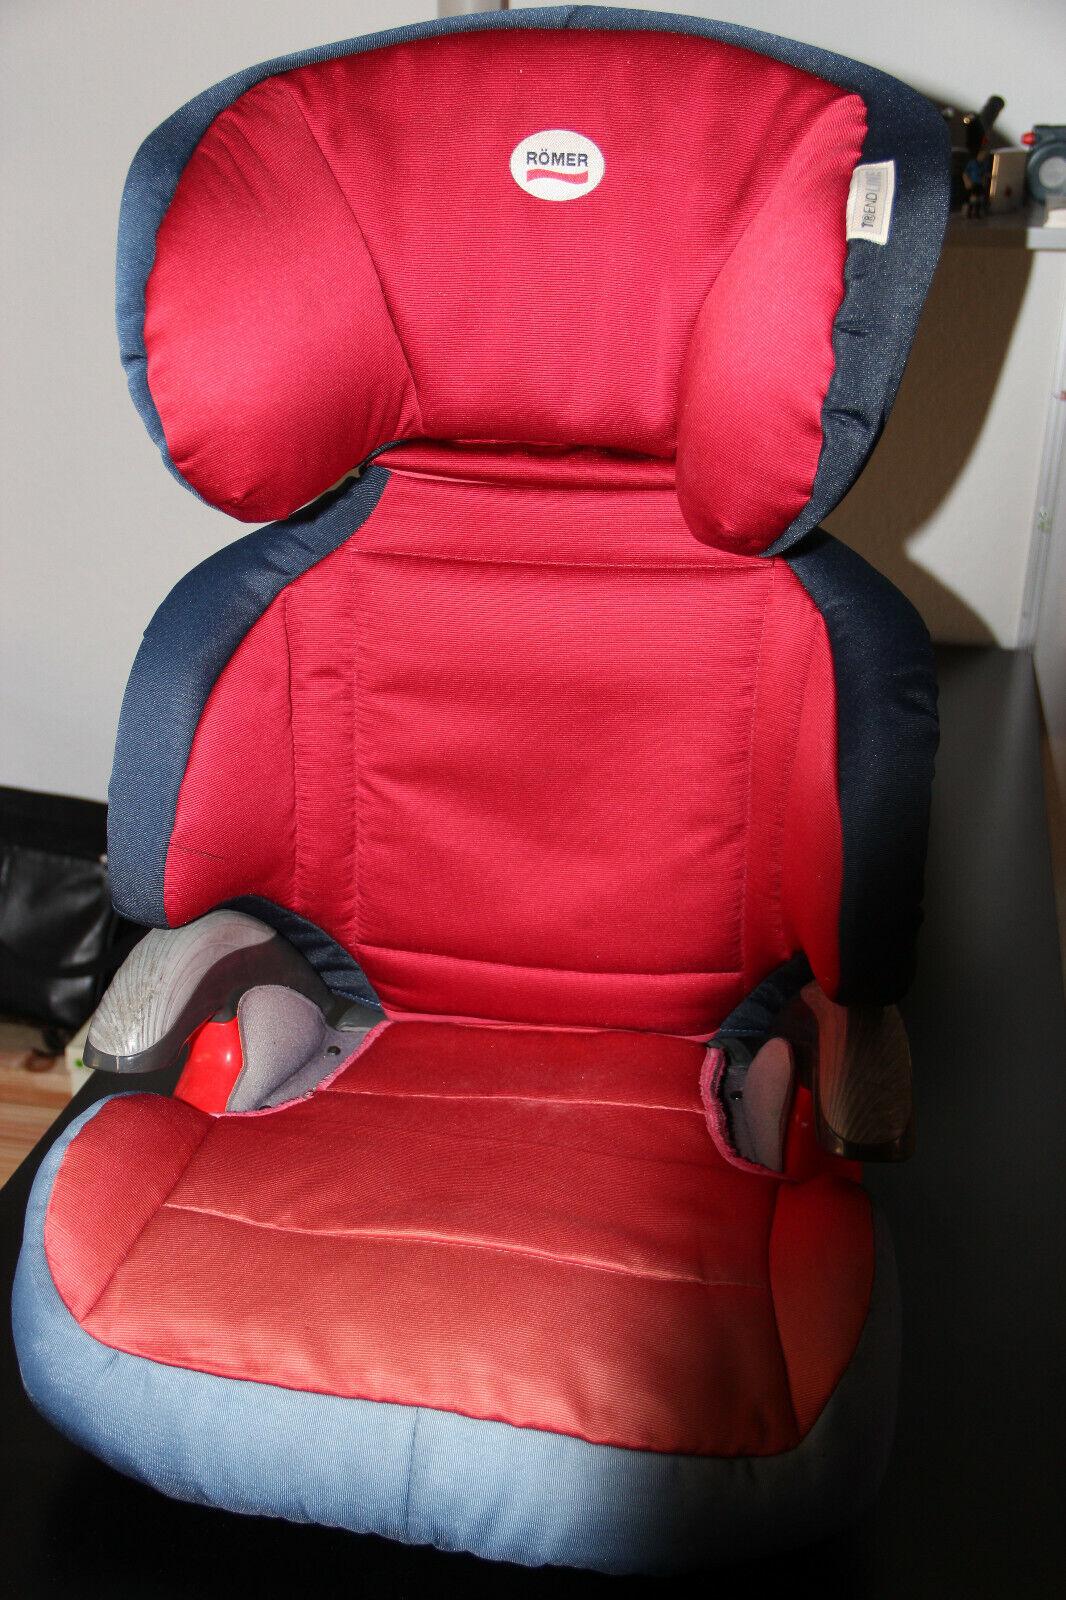 Römer Trendline Kindersitz Sitzkissen Auto